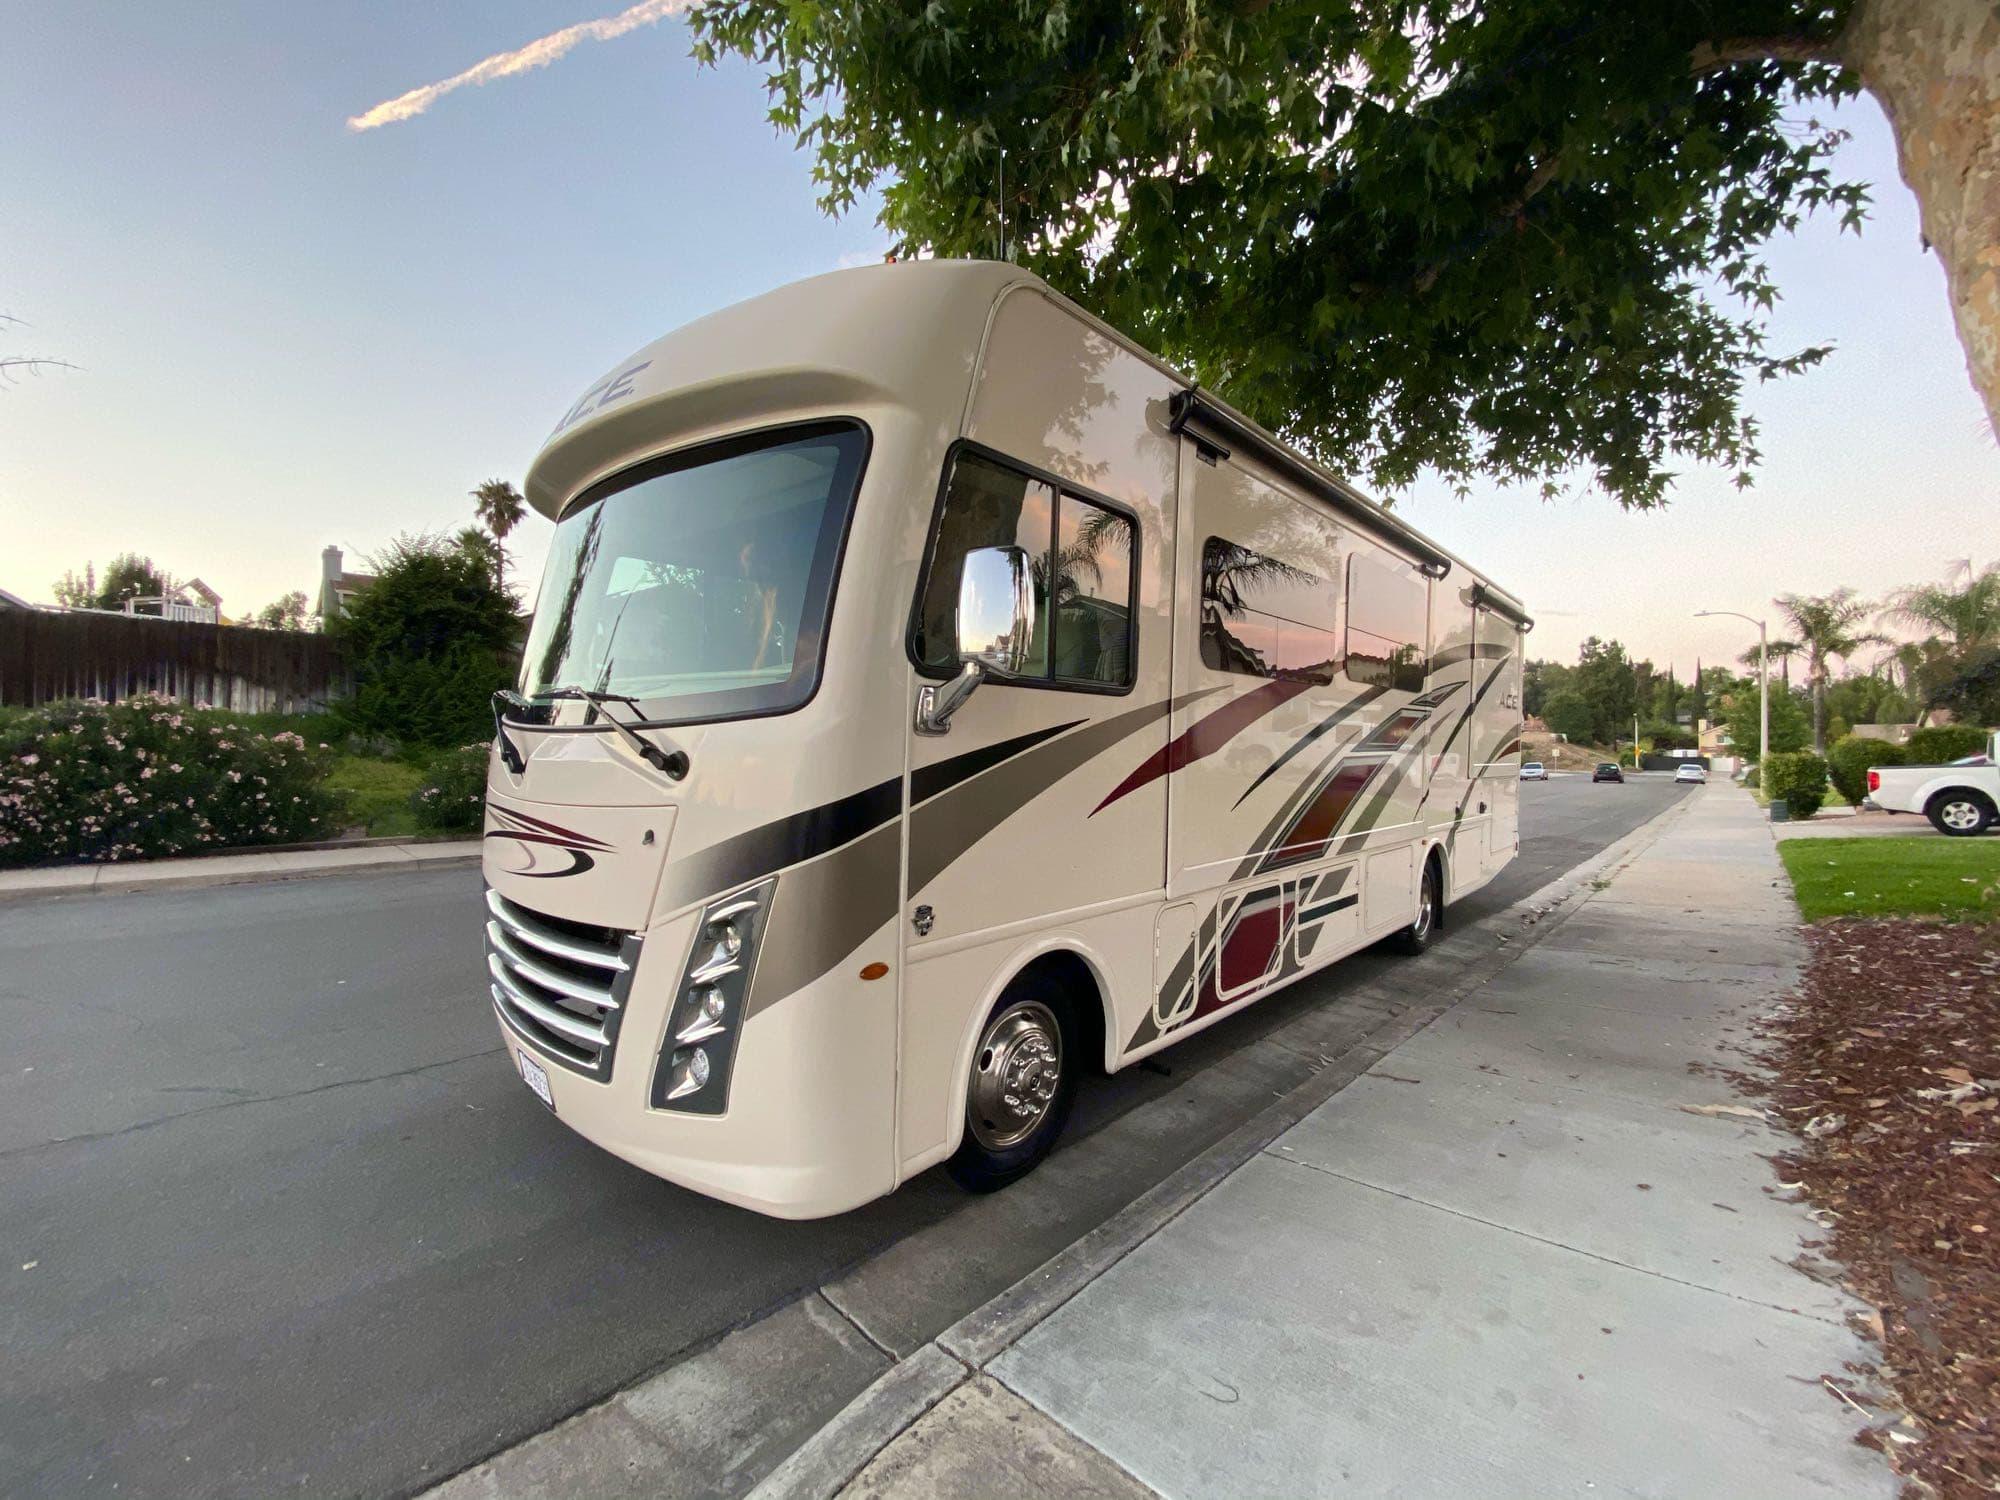 RV Exterior. Thor Motor Coach A.C.E 2020